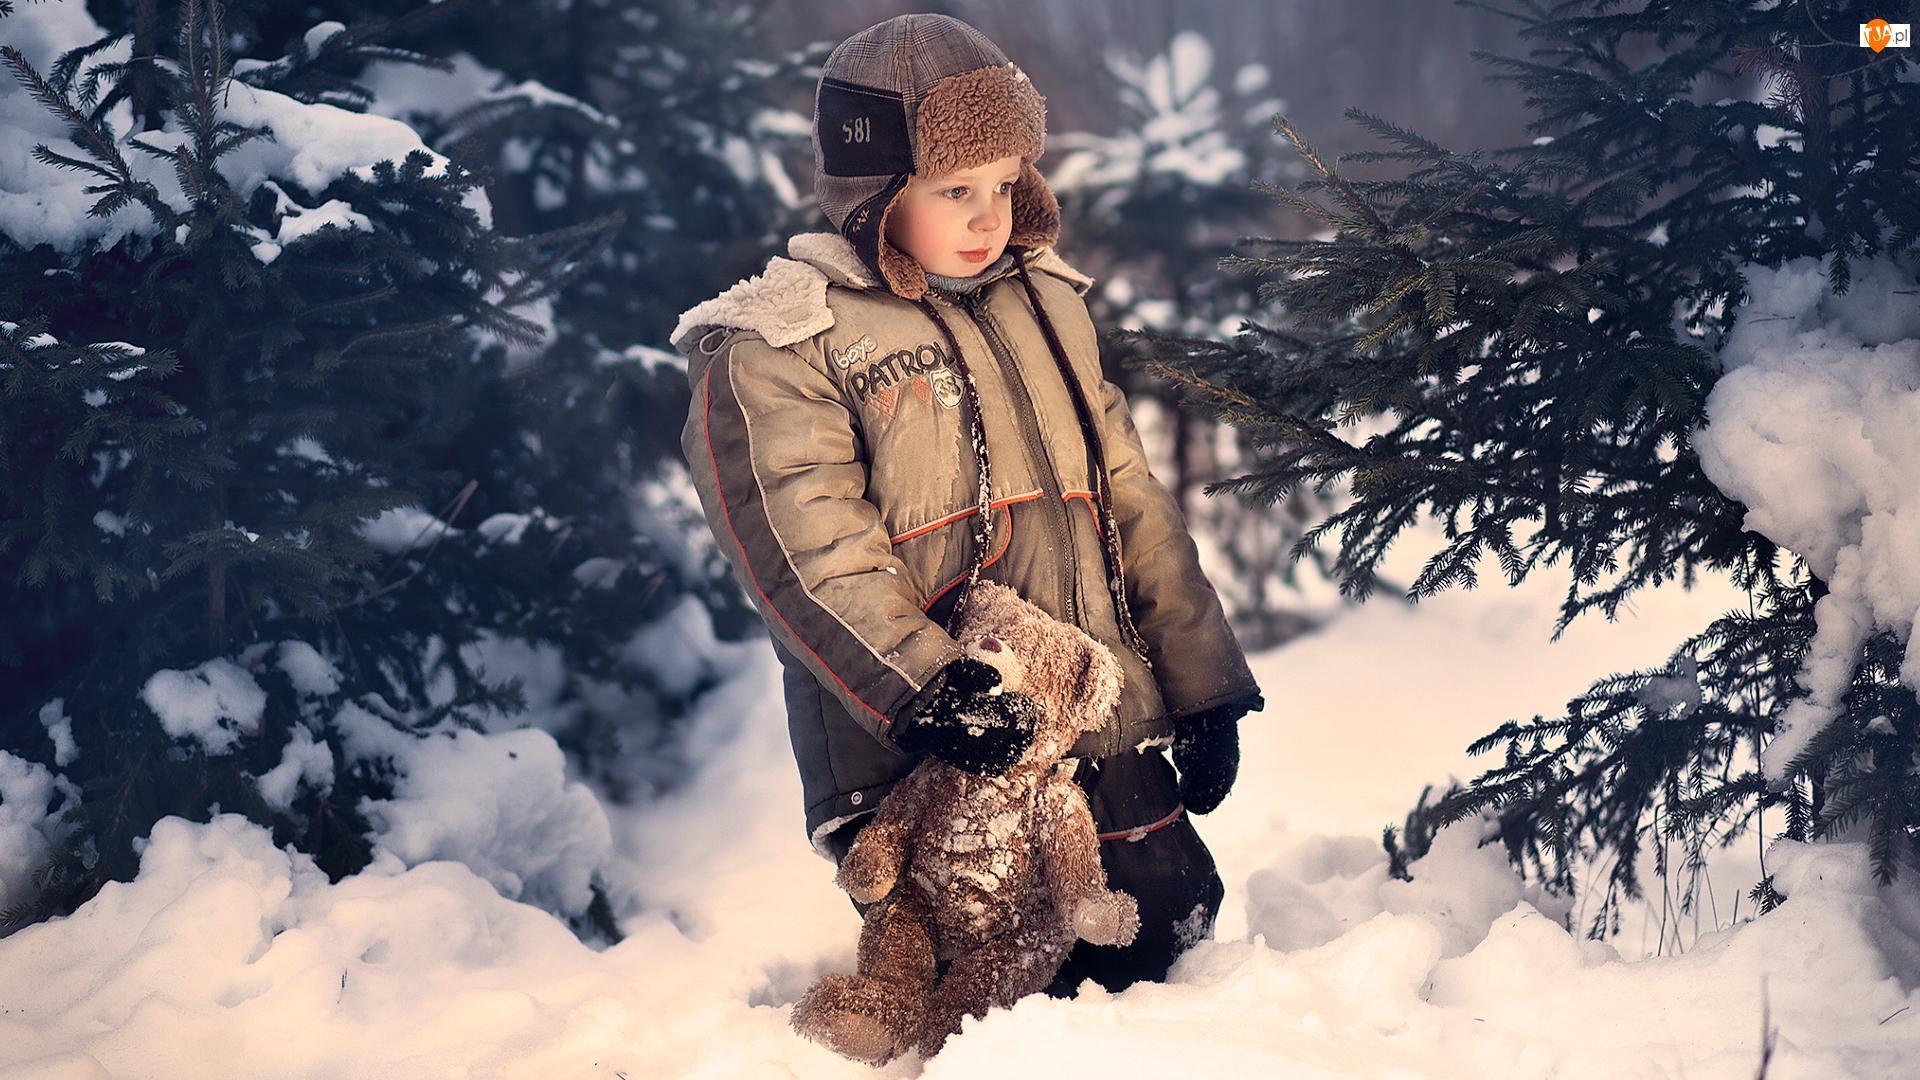 Las, Zima, Chłopiec, Miś, Śnieg, Pluszowy